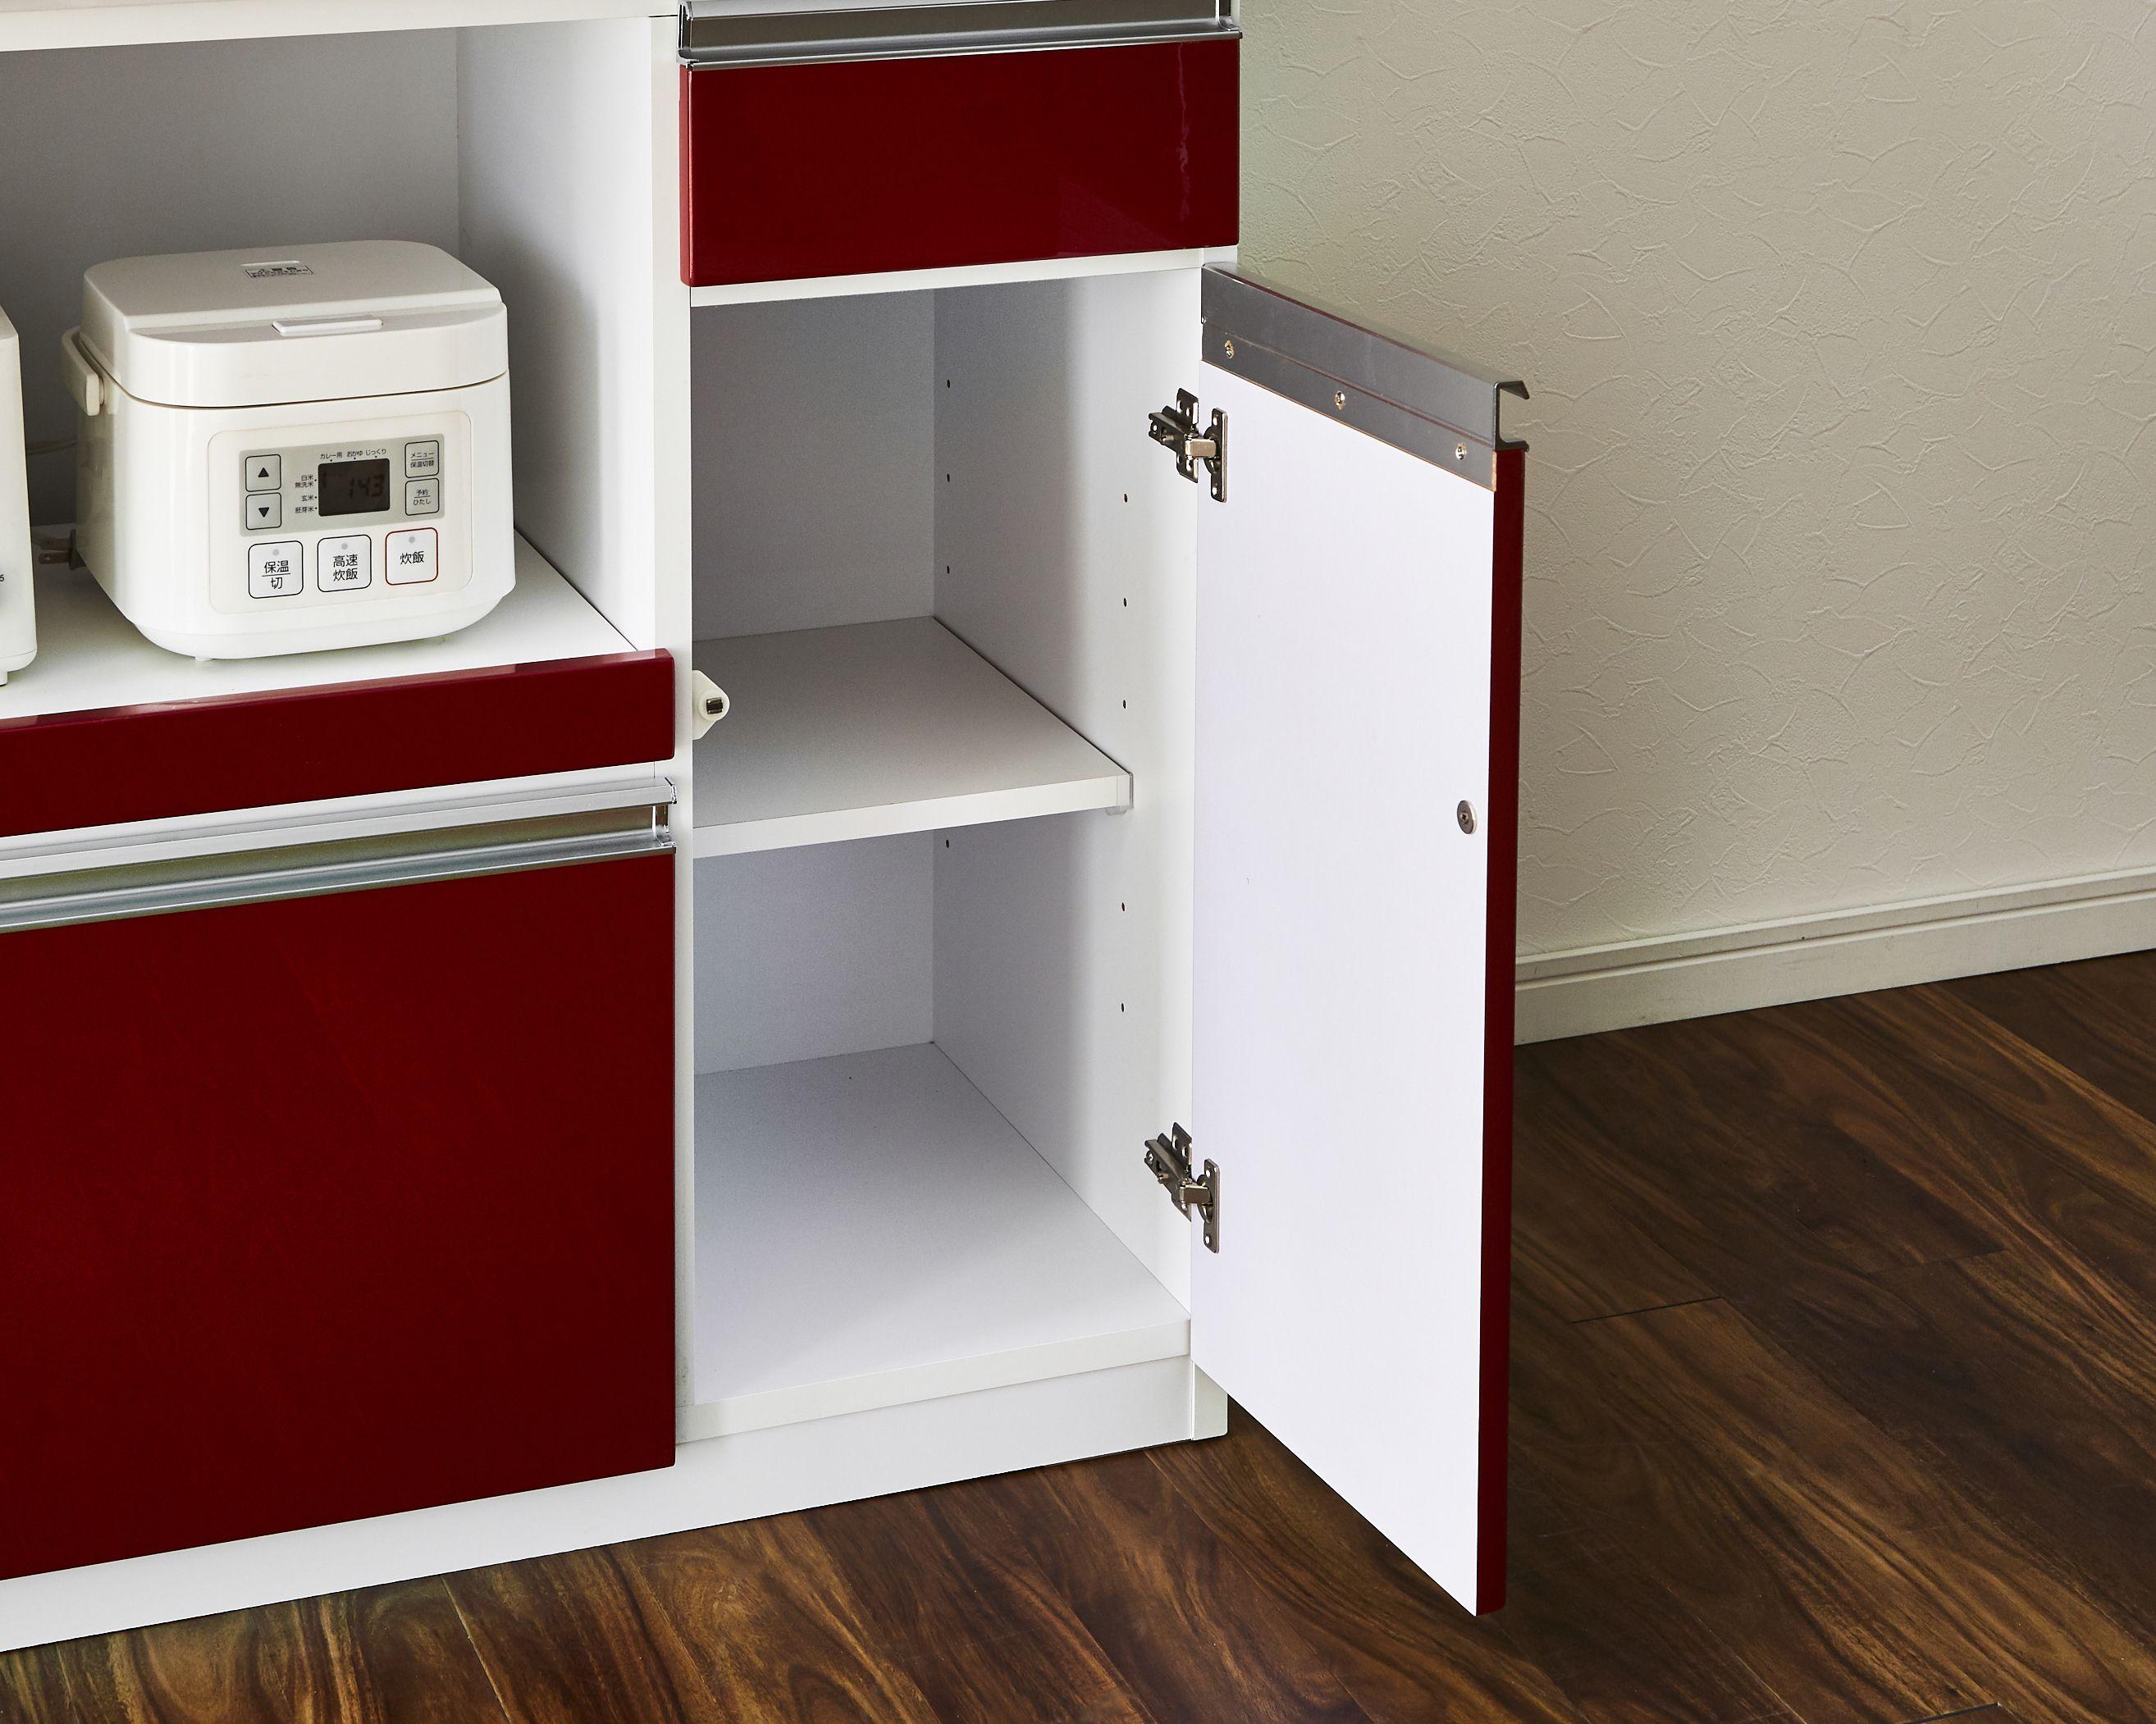 食器棚 レンジ台 レンジボード おしゃれまとめの人気アイデア Pinterest 手作り家具工房 日本の匠 食器棚 収納 レンジ台 手作り家具